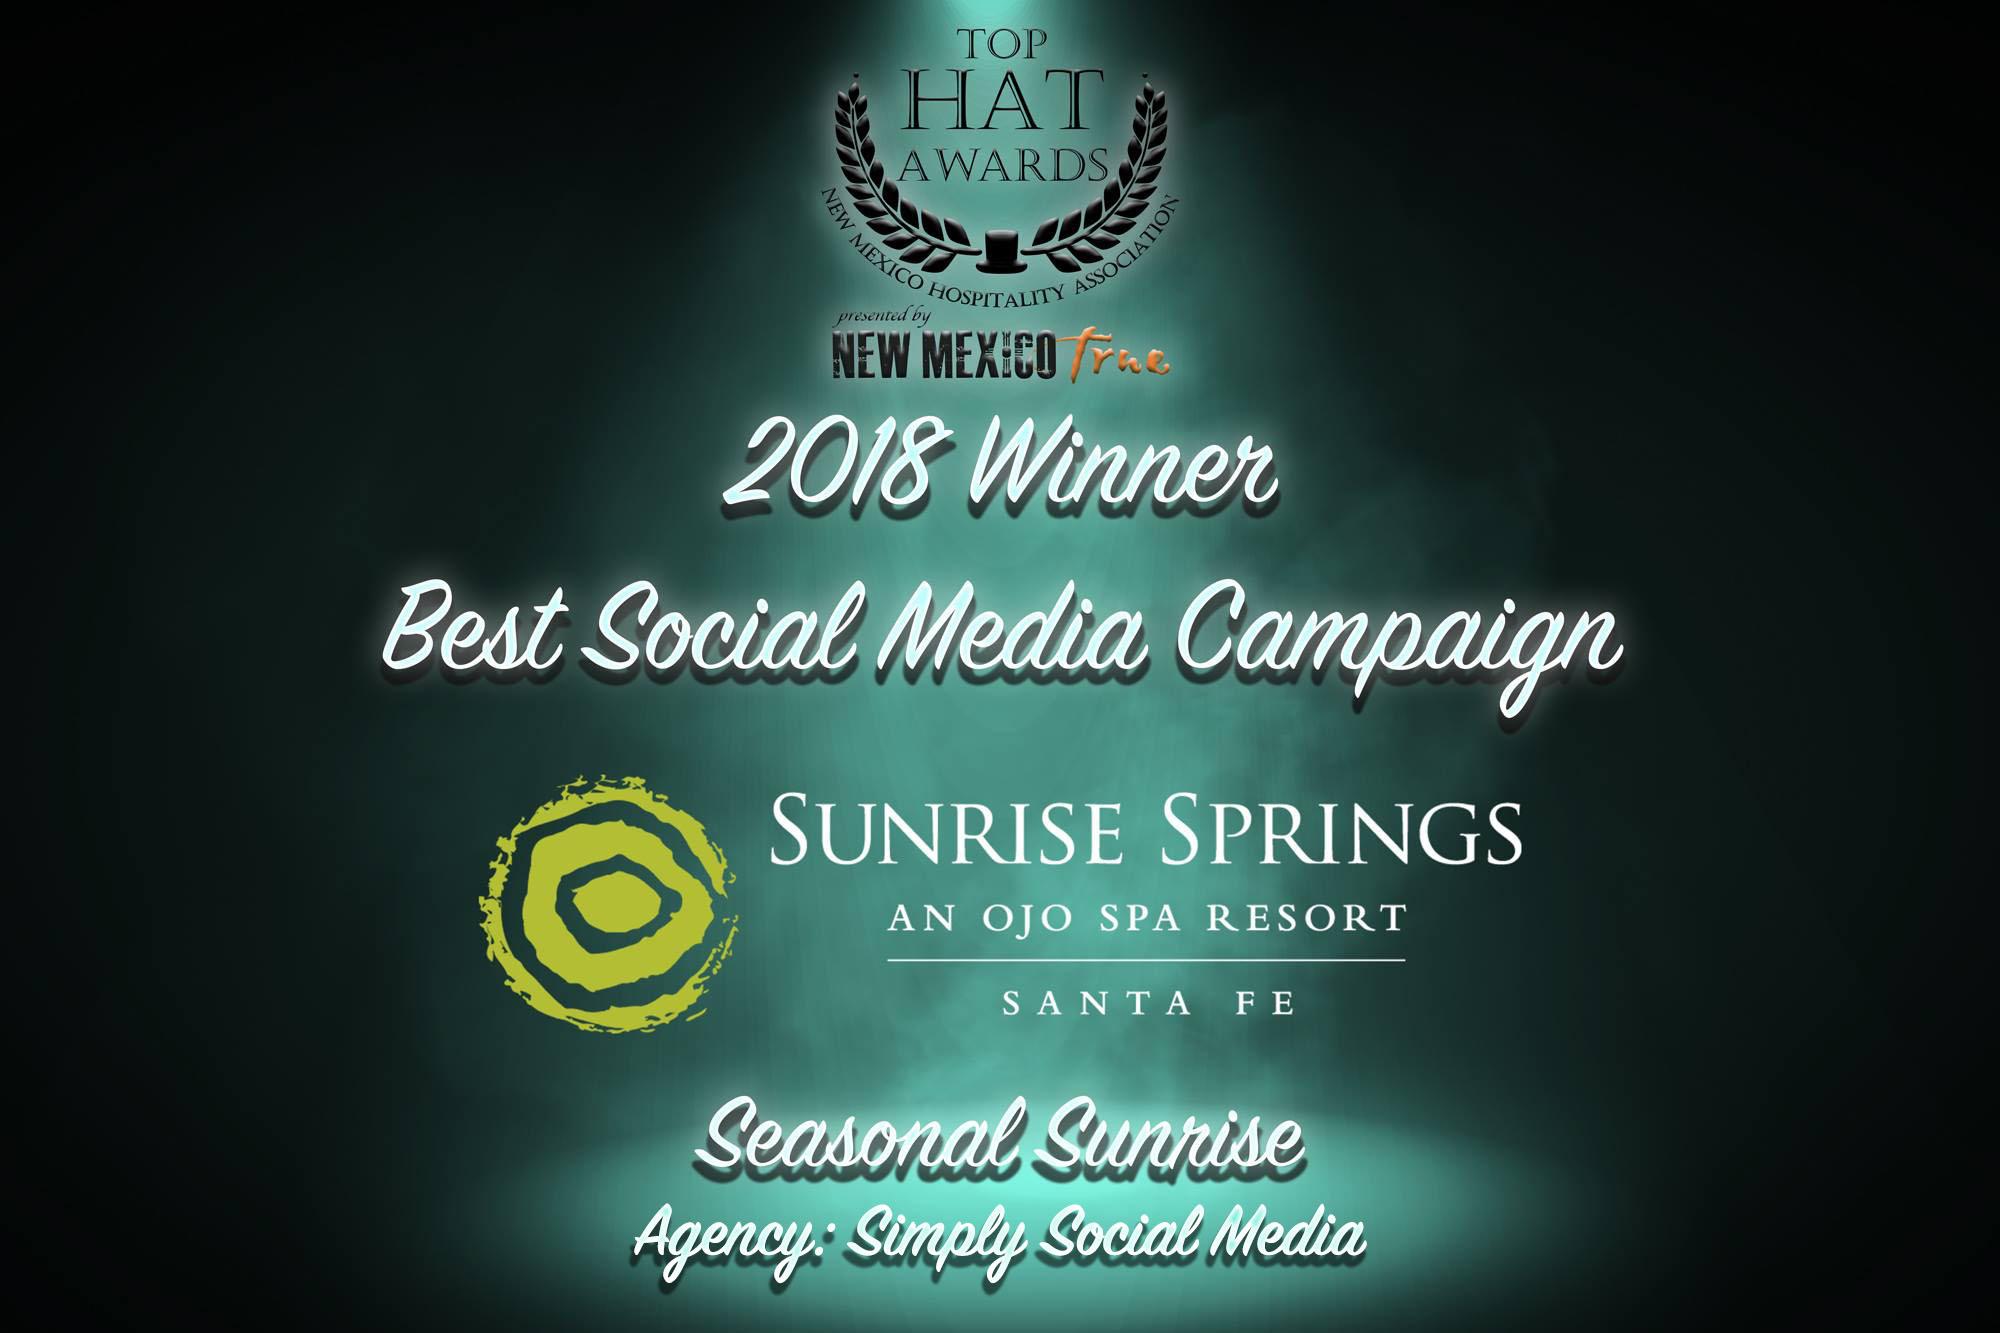 2018 Top Hat Awards Best Social Media Campaign Simply Social Media Santa Fe.jpg